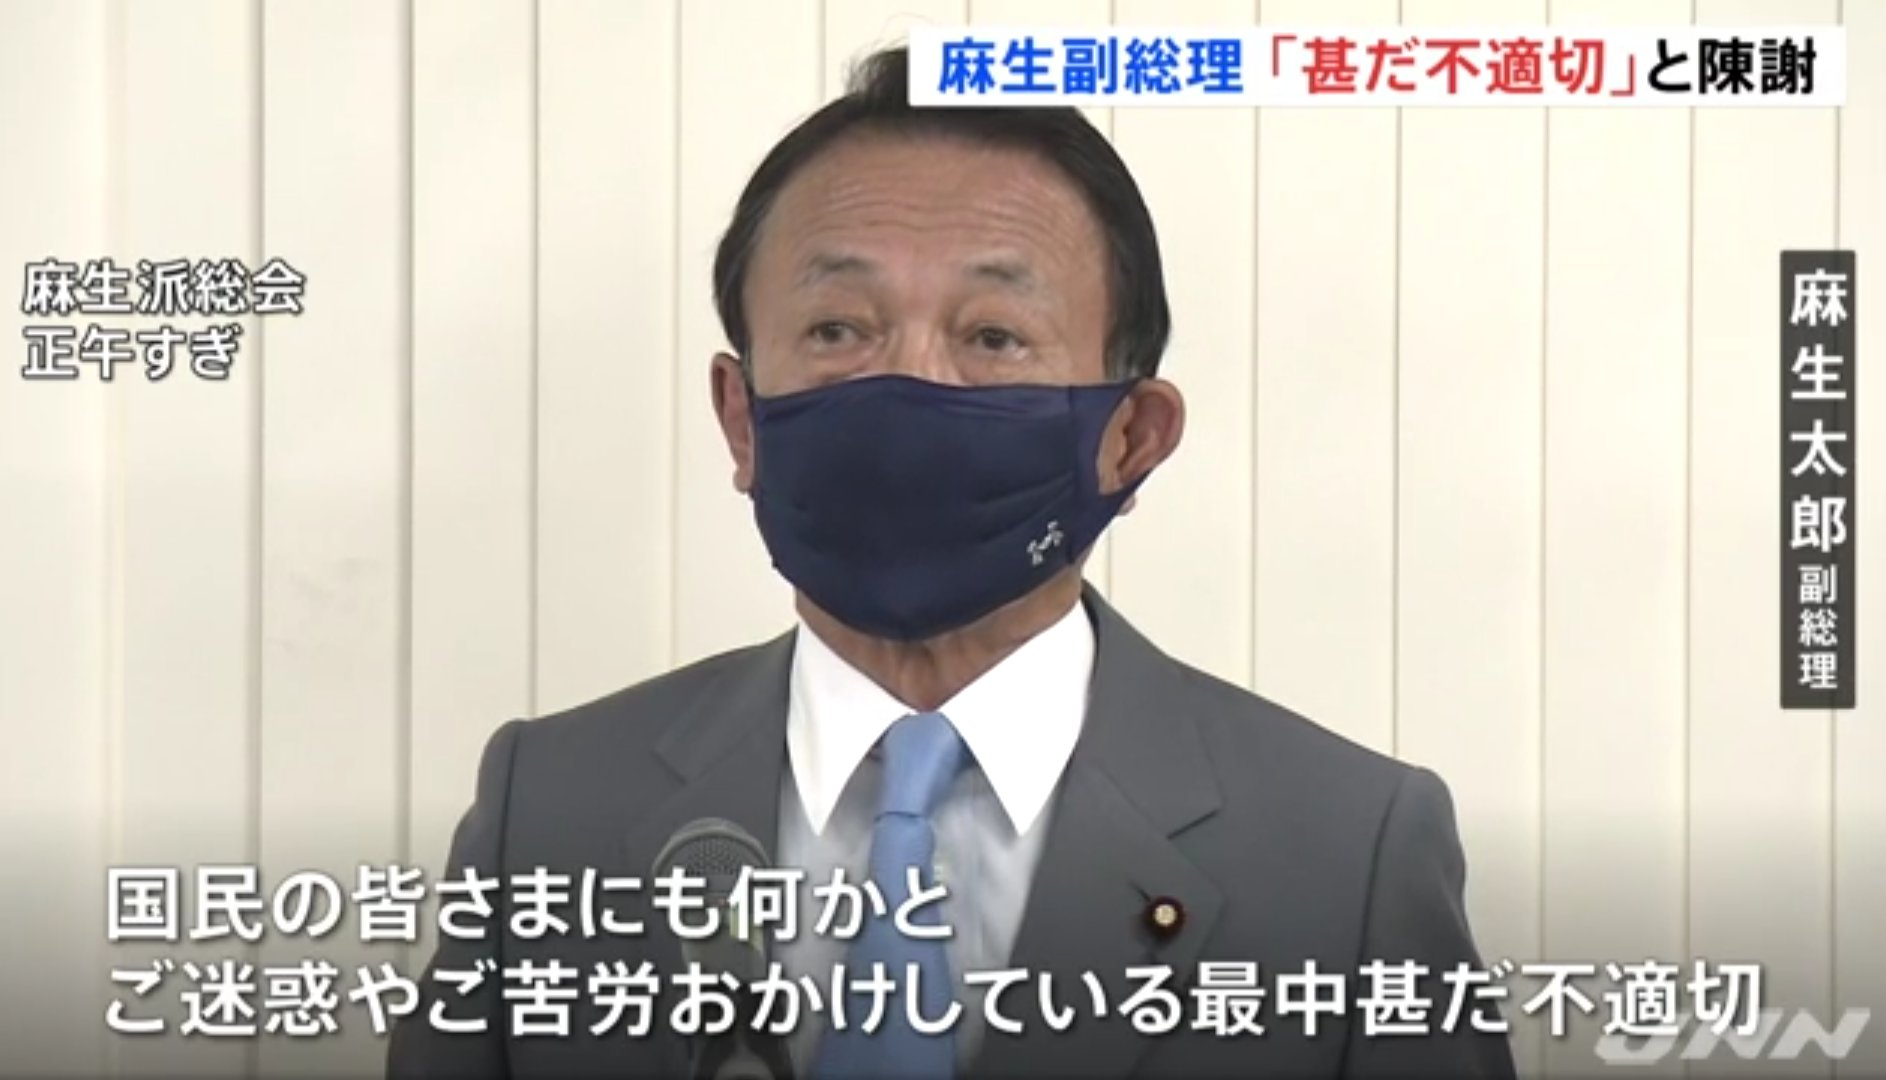 麻生 さん の マスク